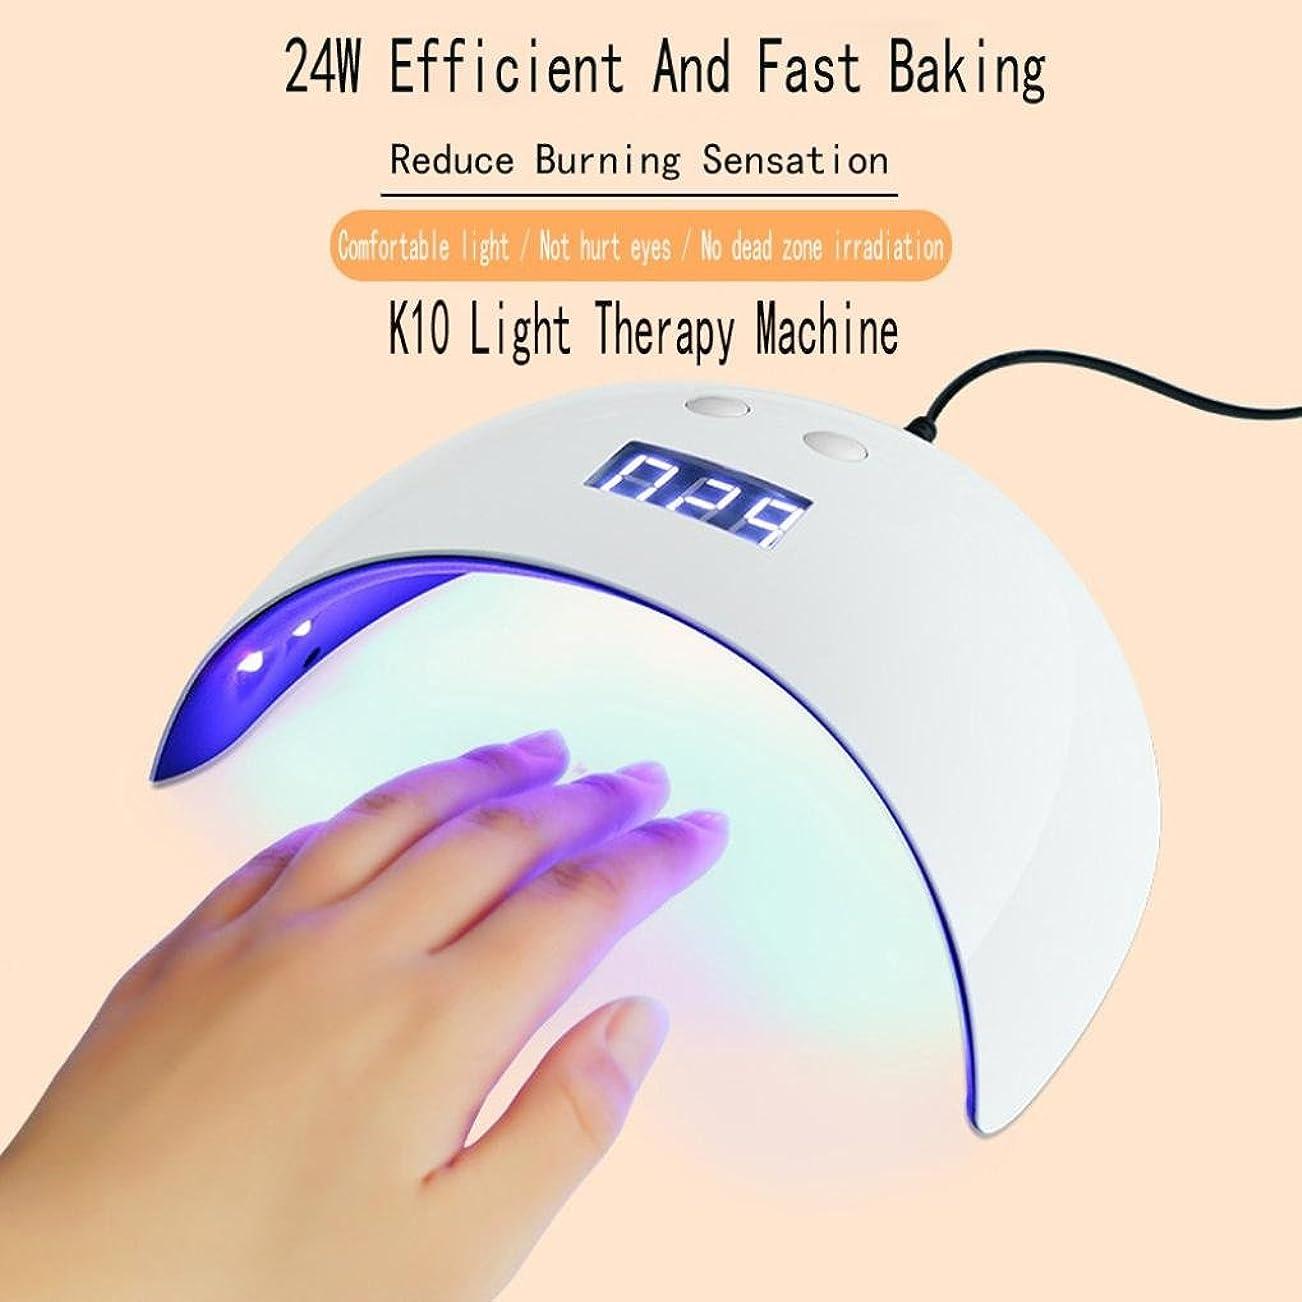 汚す使い込むビルSakuraBest USB 24W LEDネイルライトセラピーネイル爪乾燥ランプ